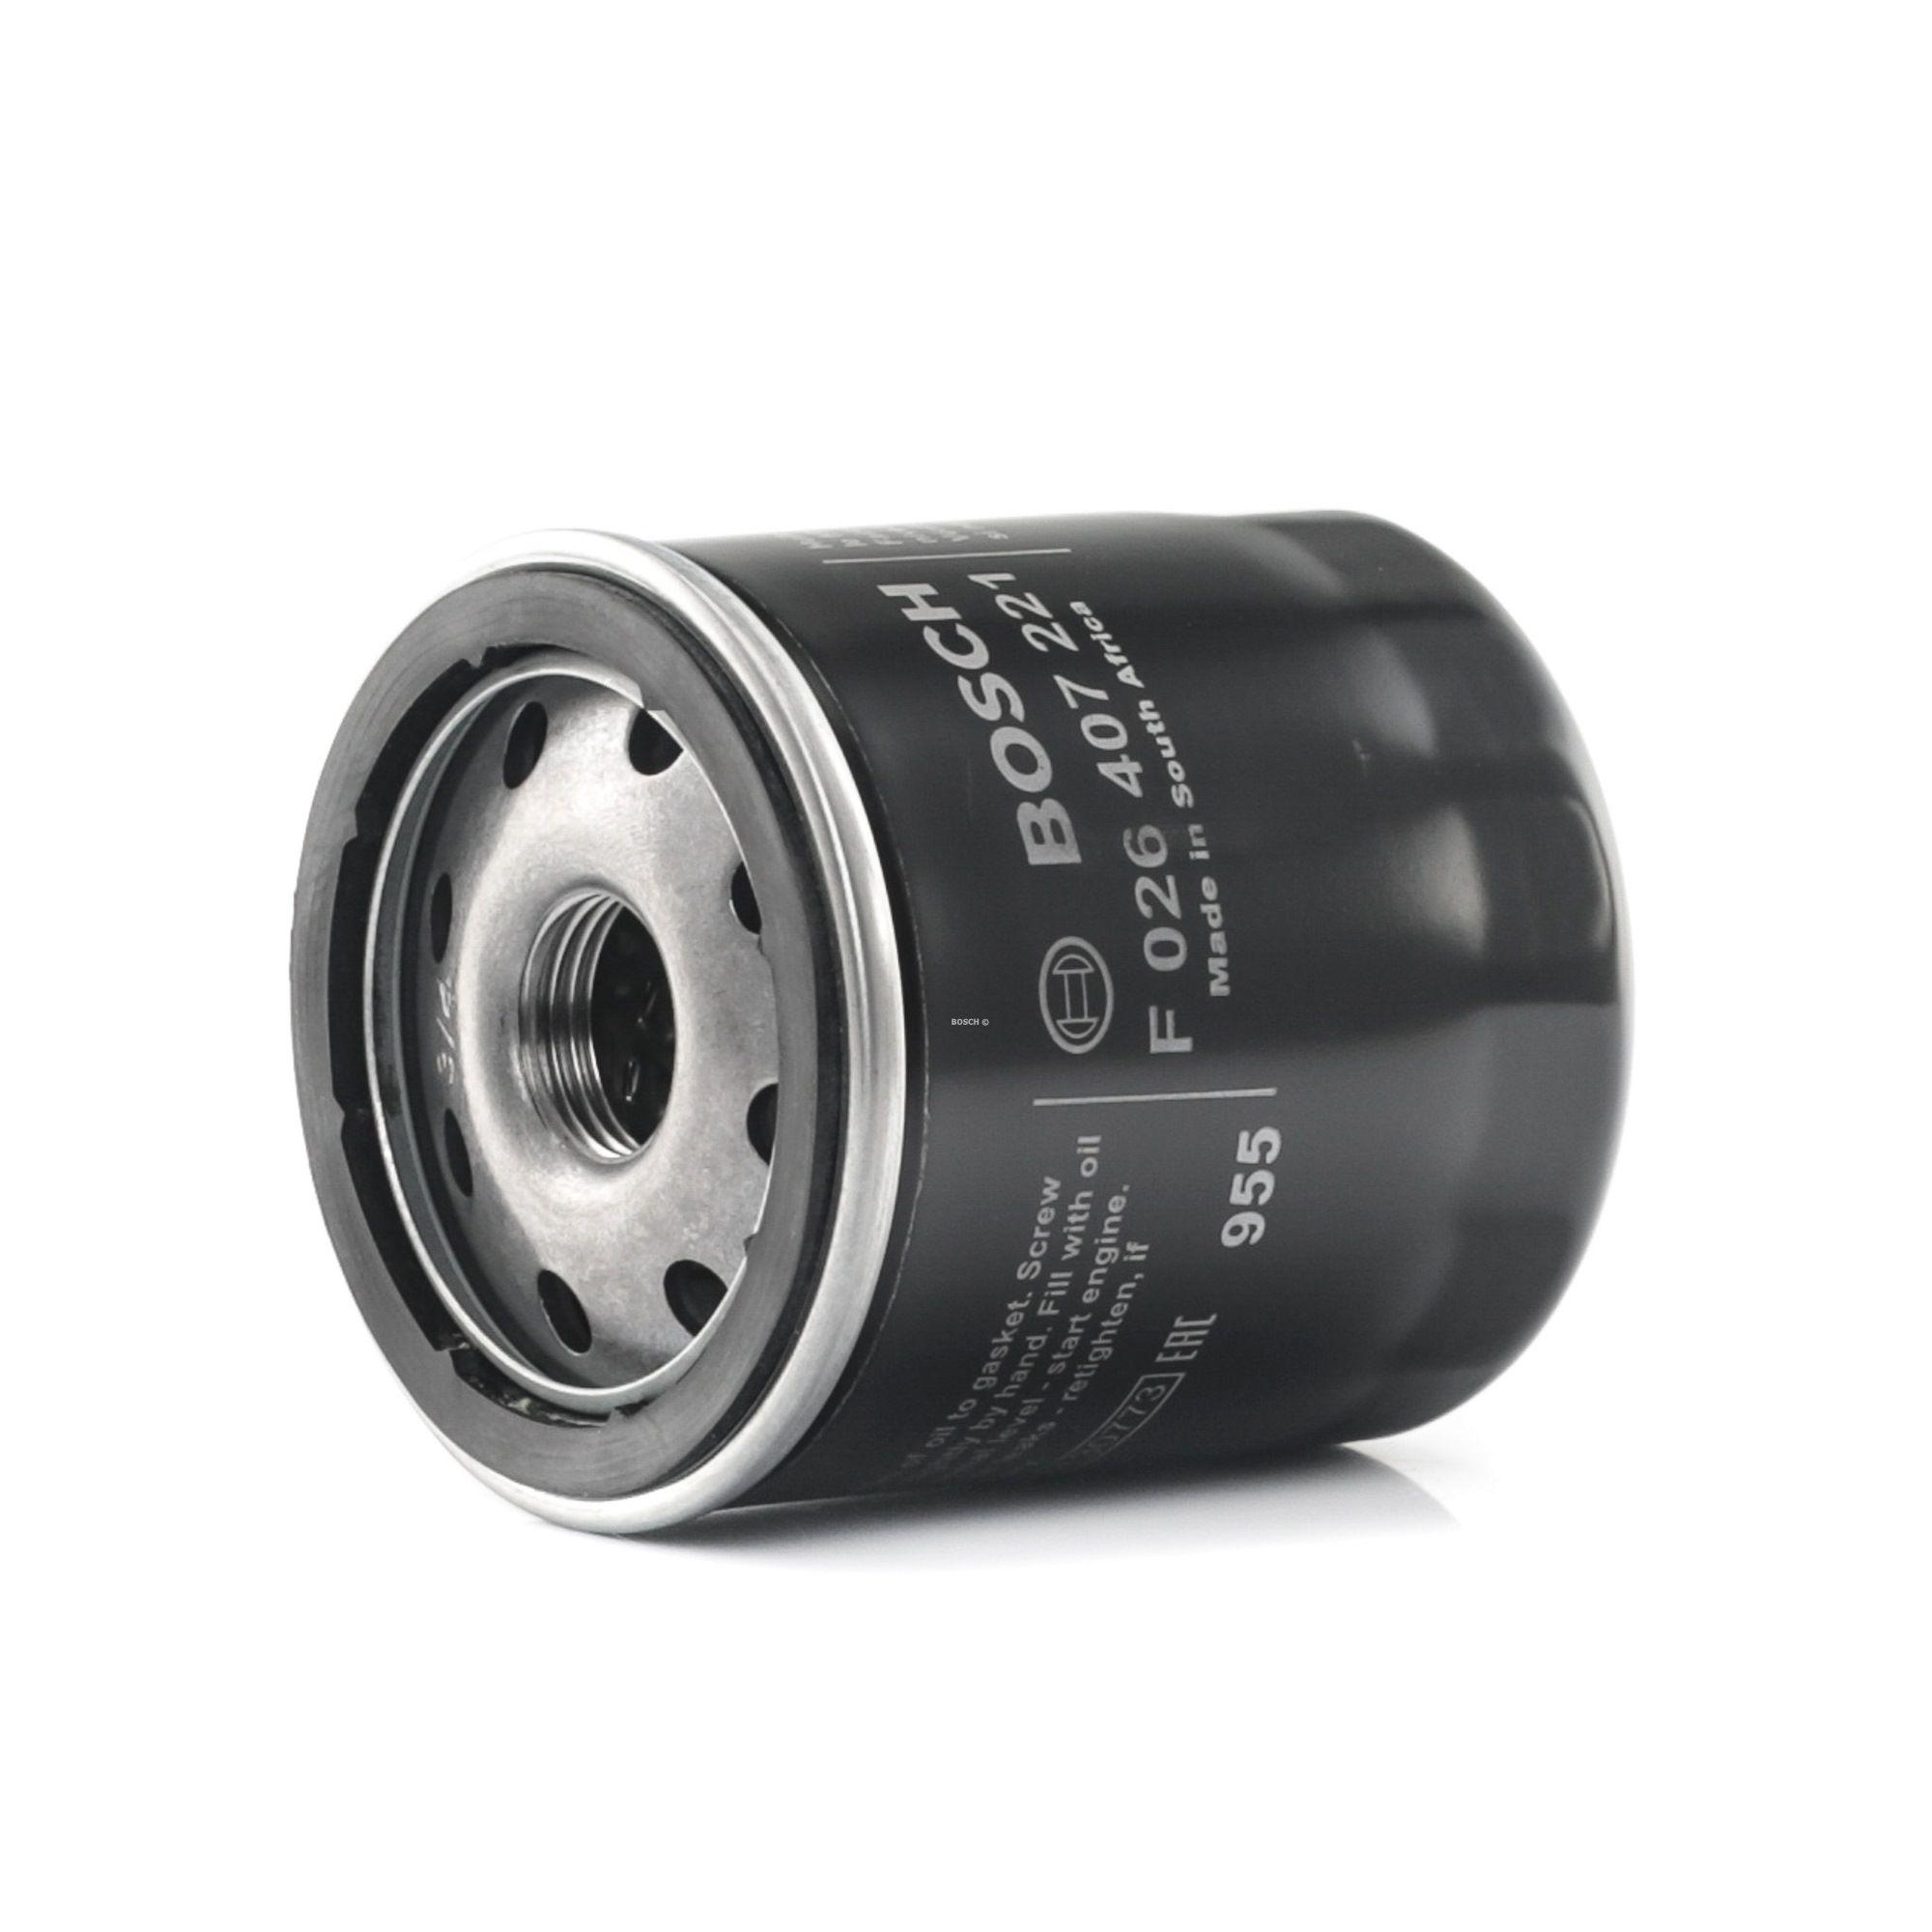 Filtro olio motore F 026 407 221 con un ottimo rapporto BOSCH qualità/prezzo